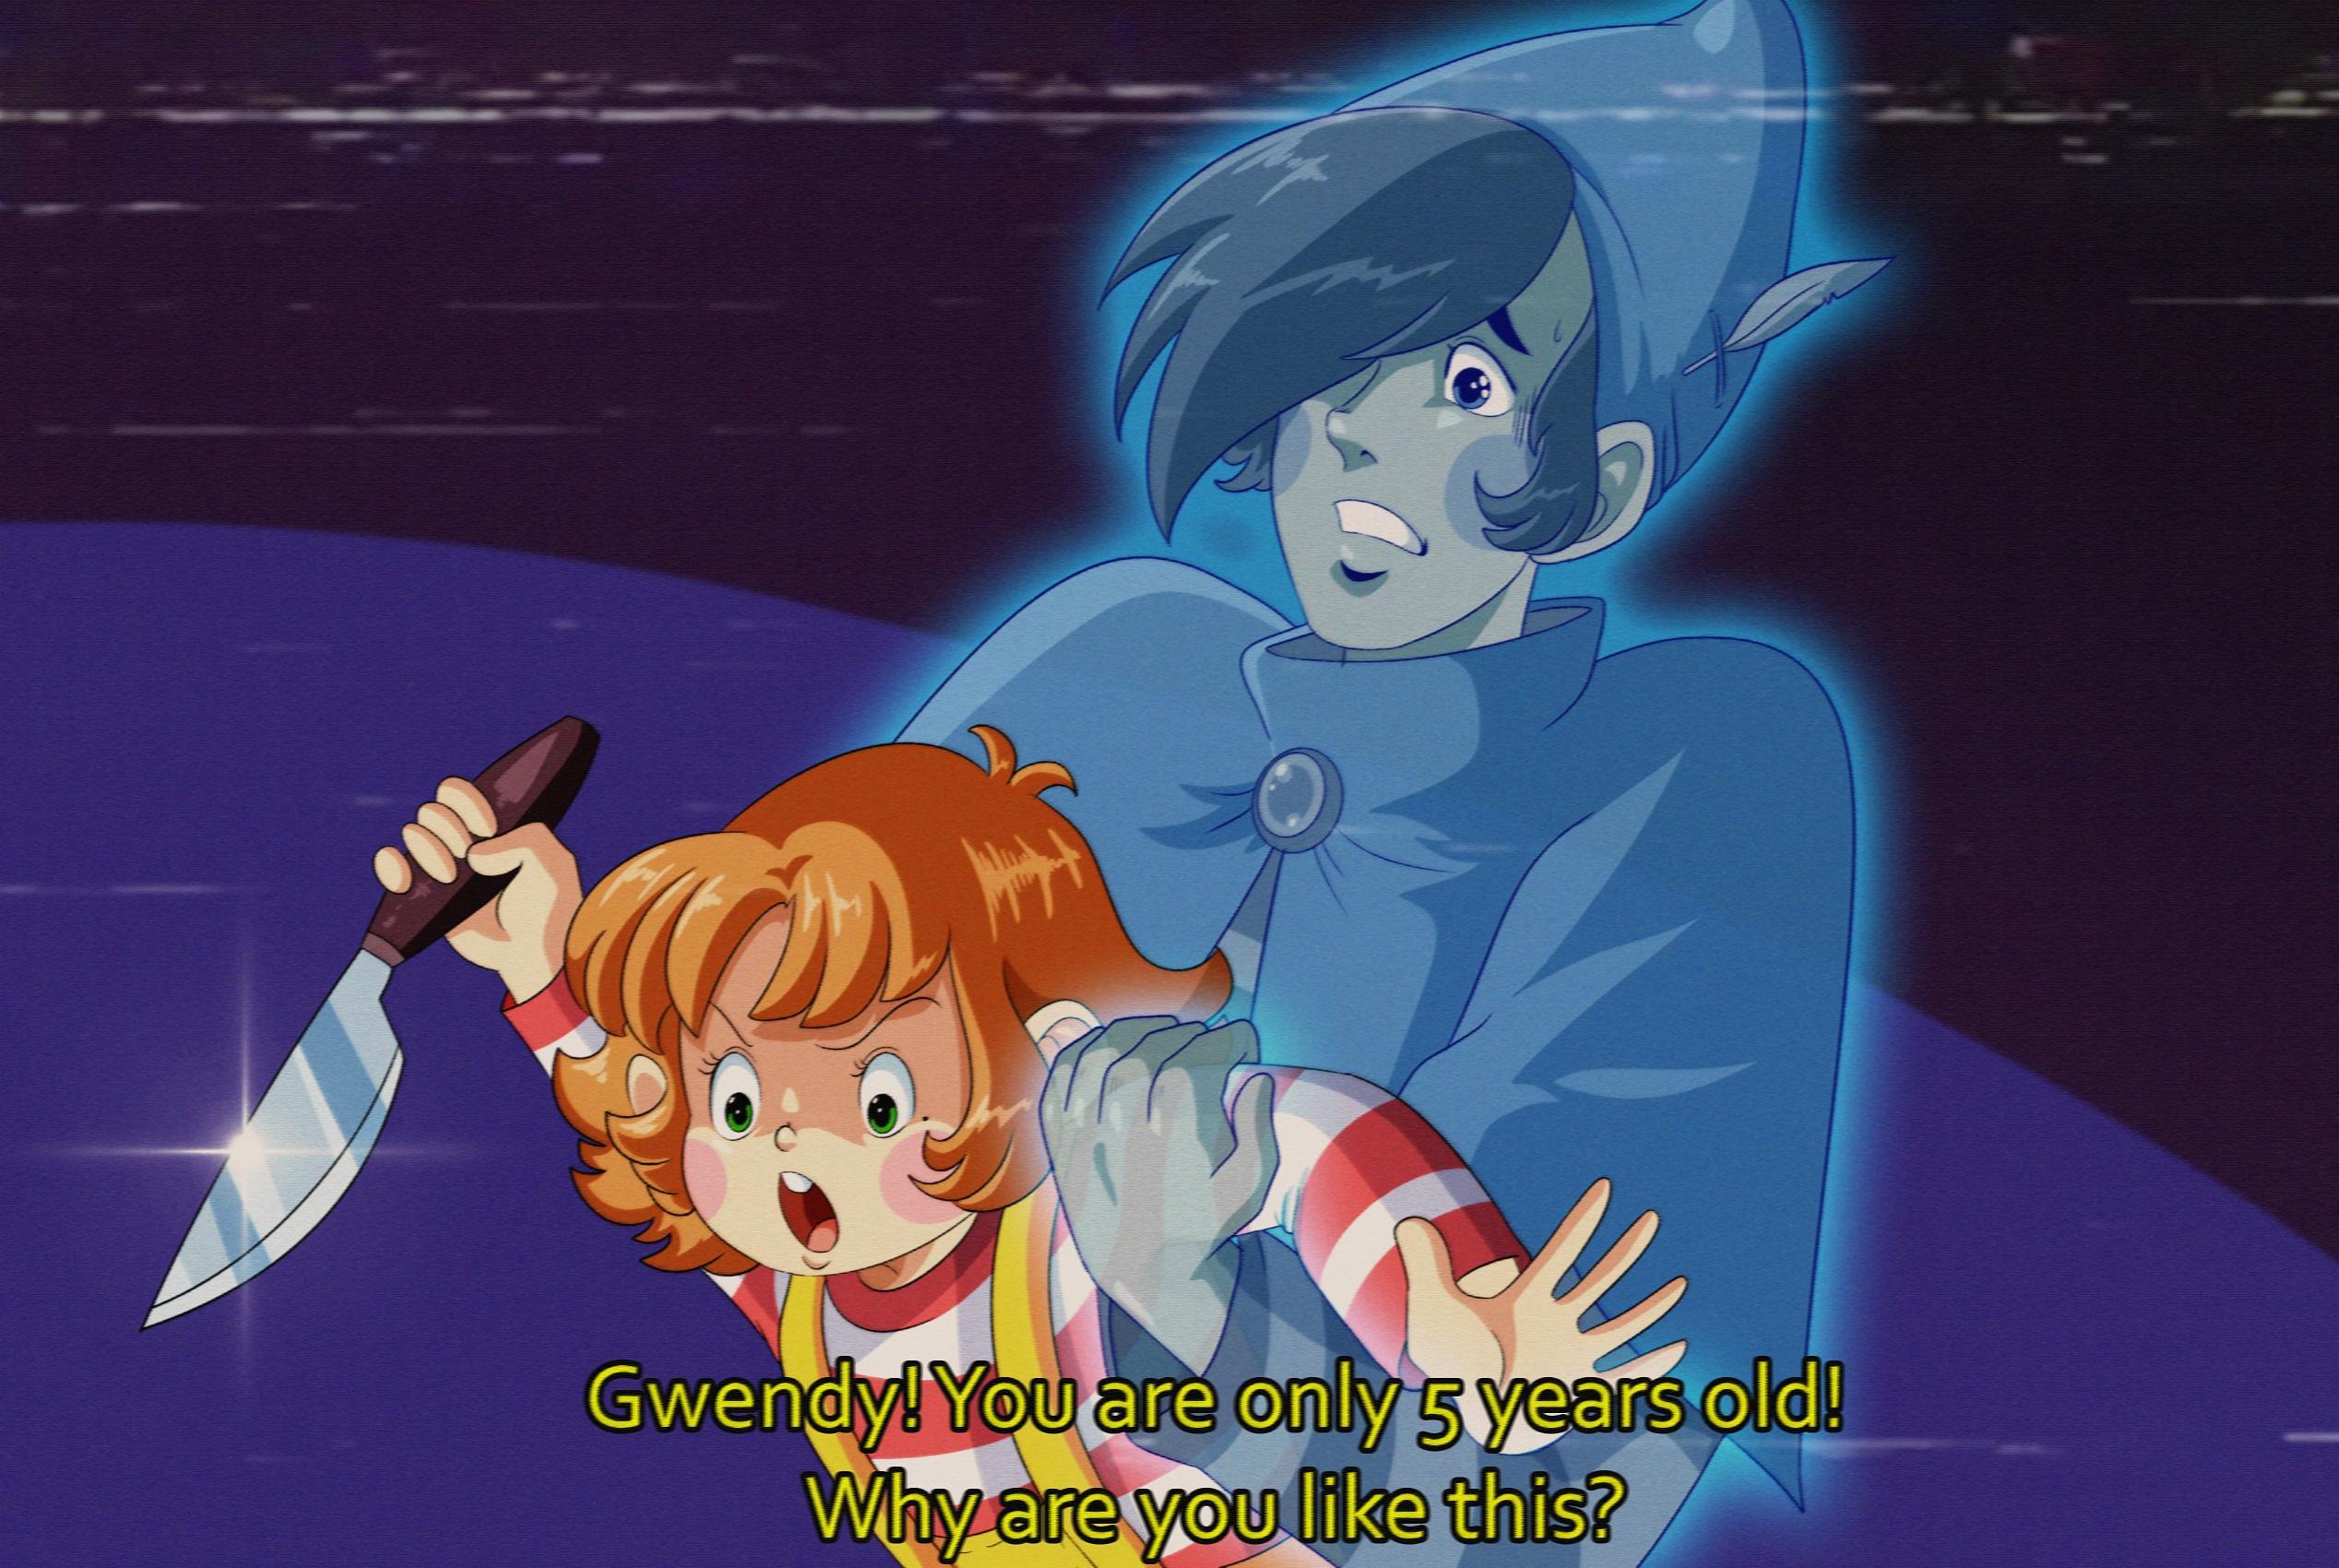 Gwendy & Ghost AU: Old anime vhs?